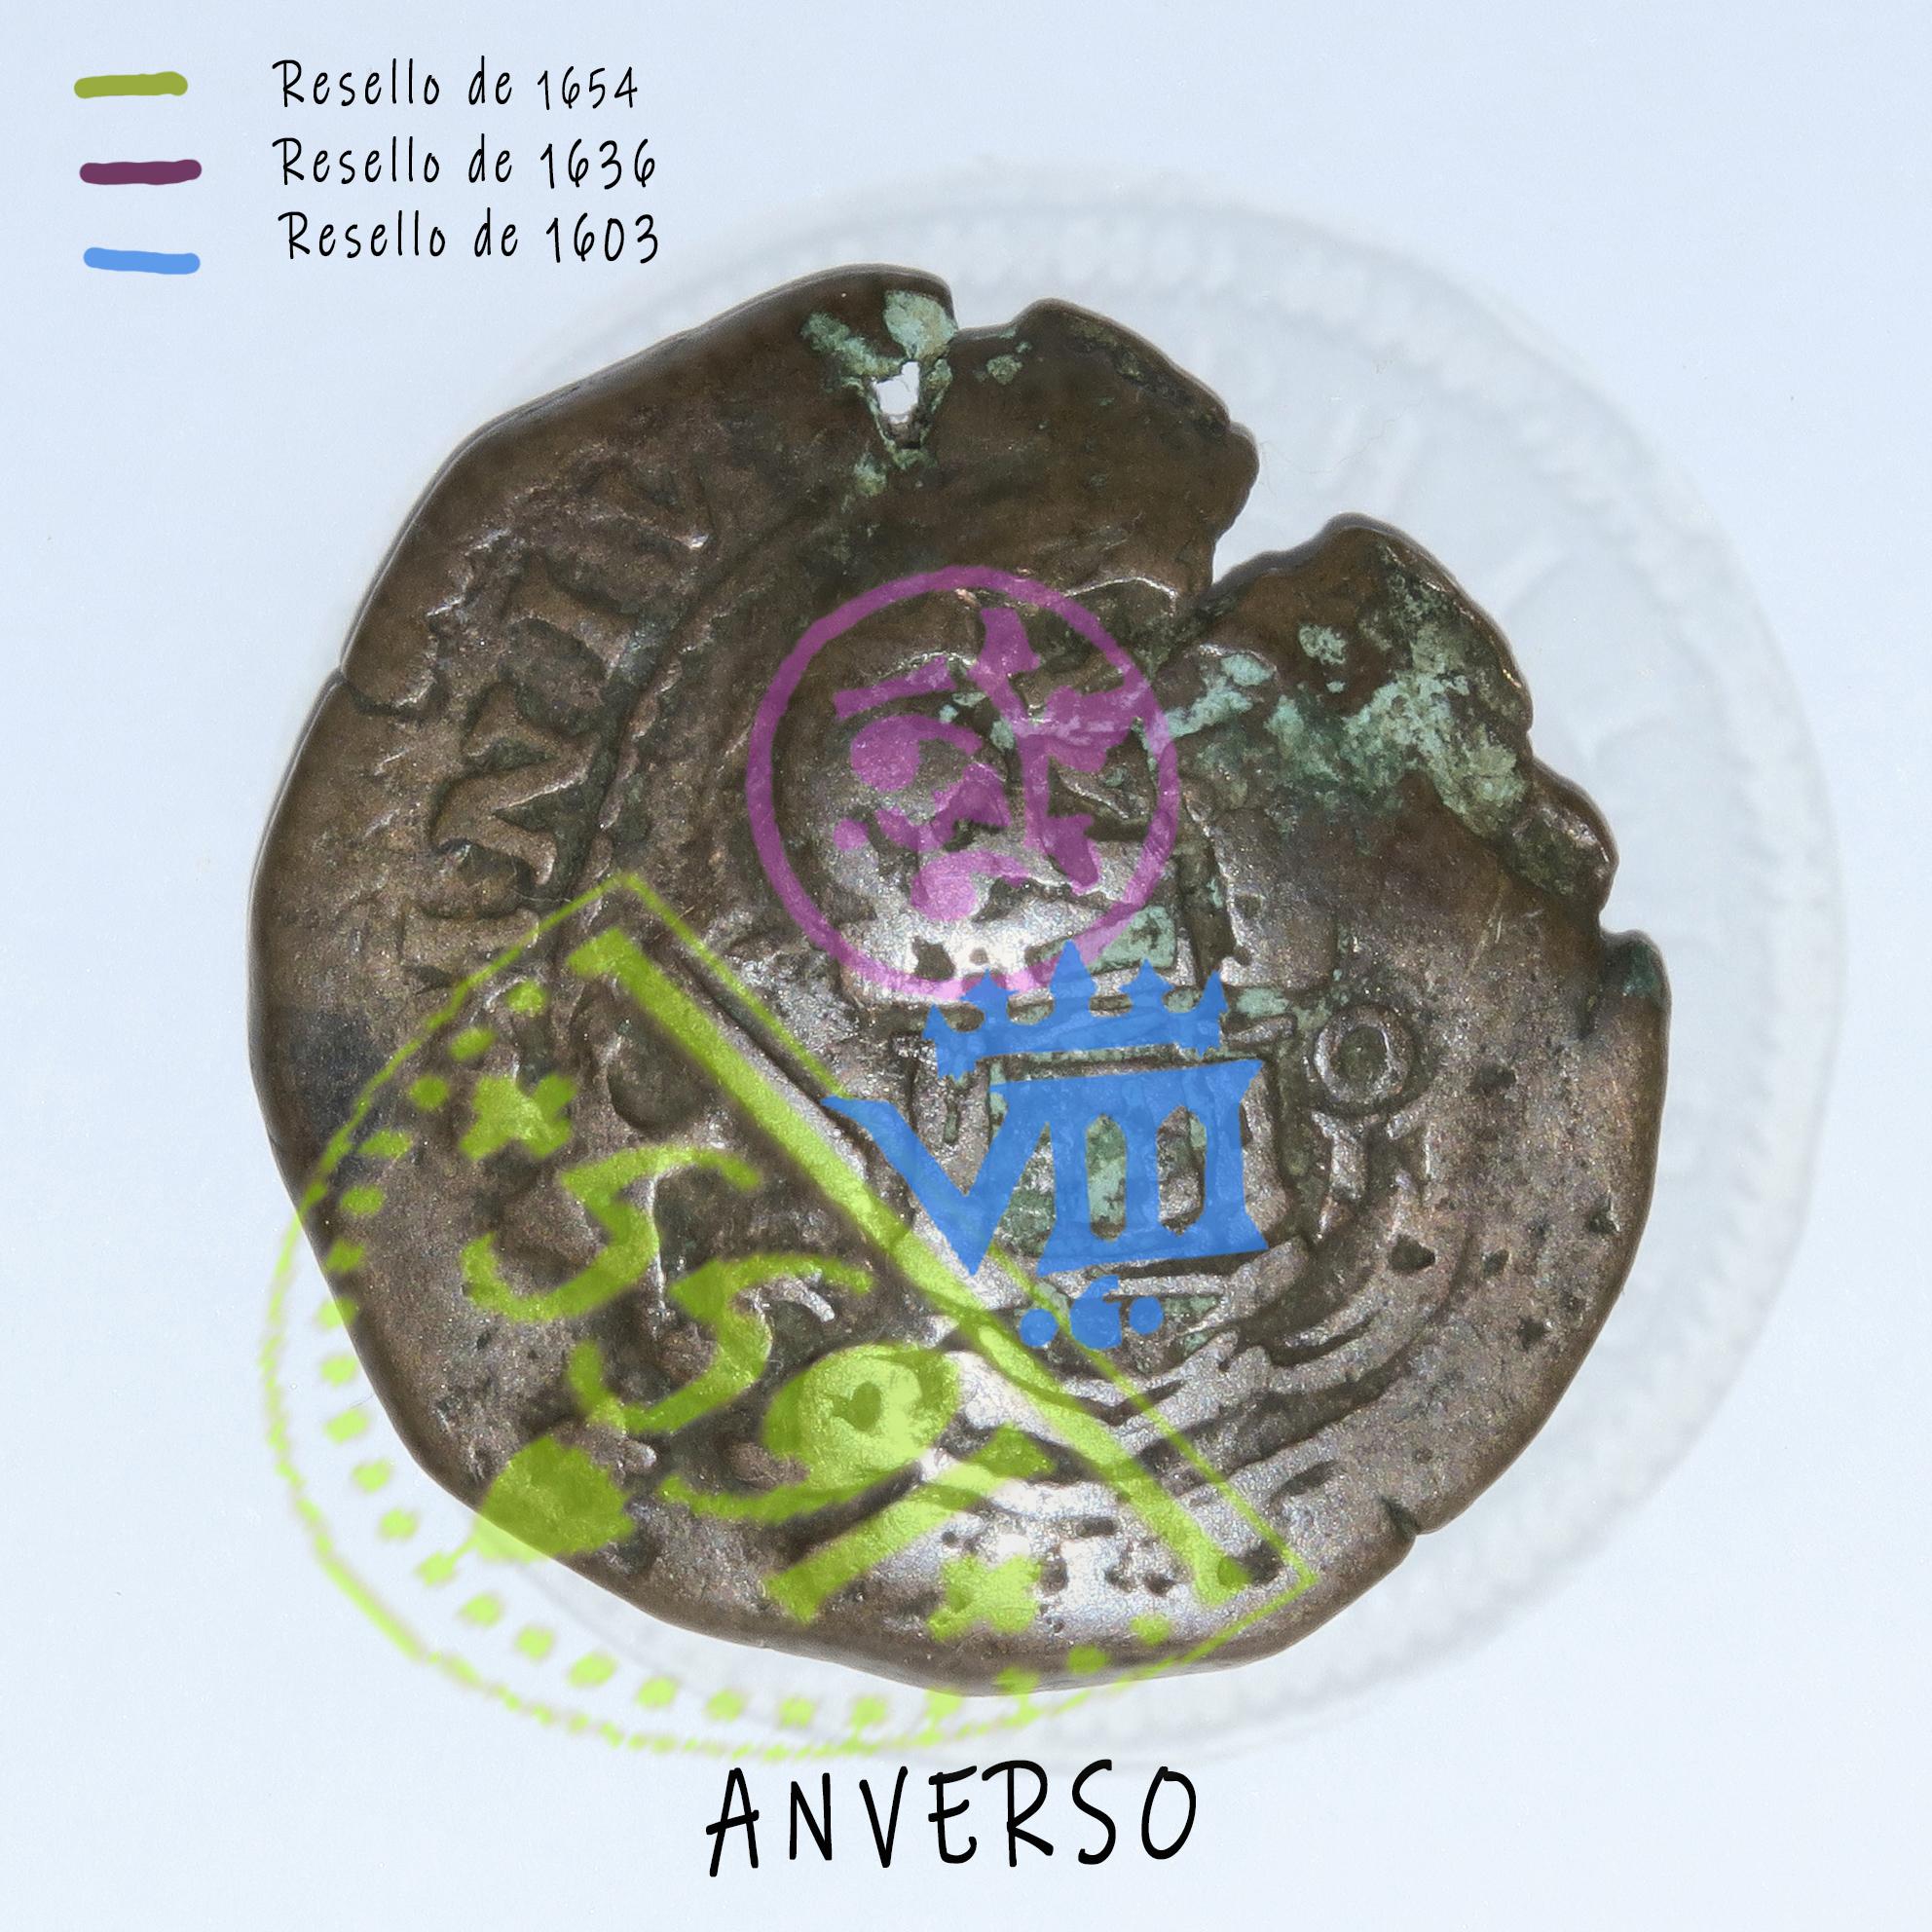 4 Maravedies de Felipe III de 160? (ceca de cuenca) resellados  Anvers12